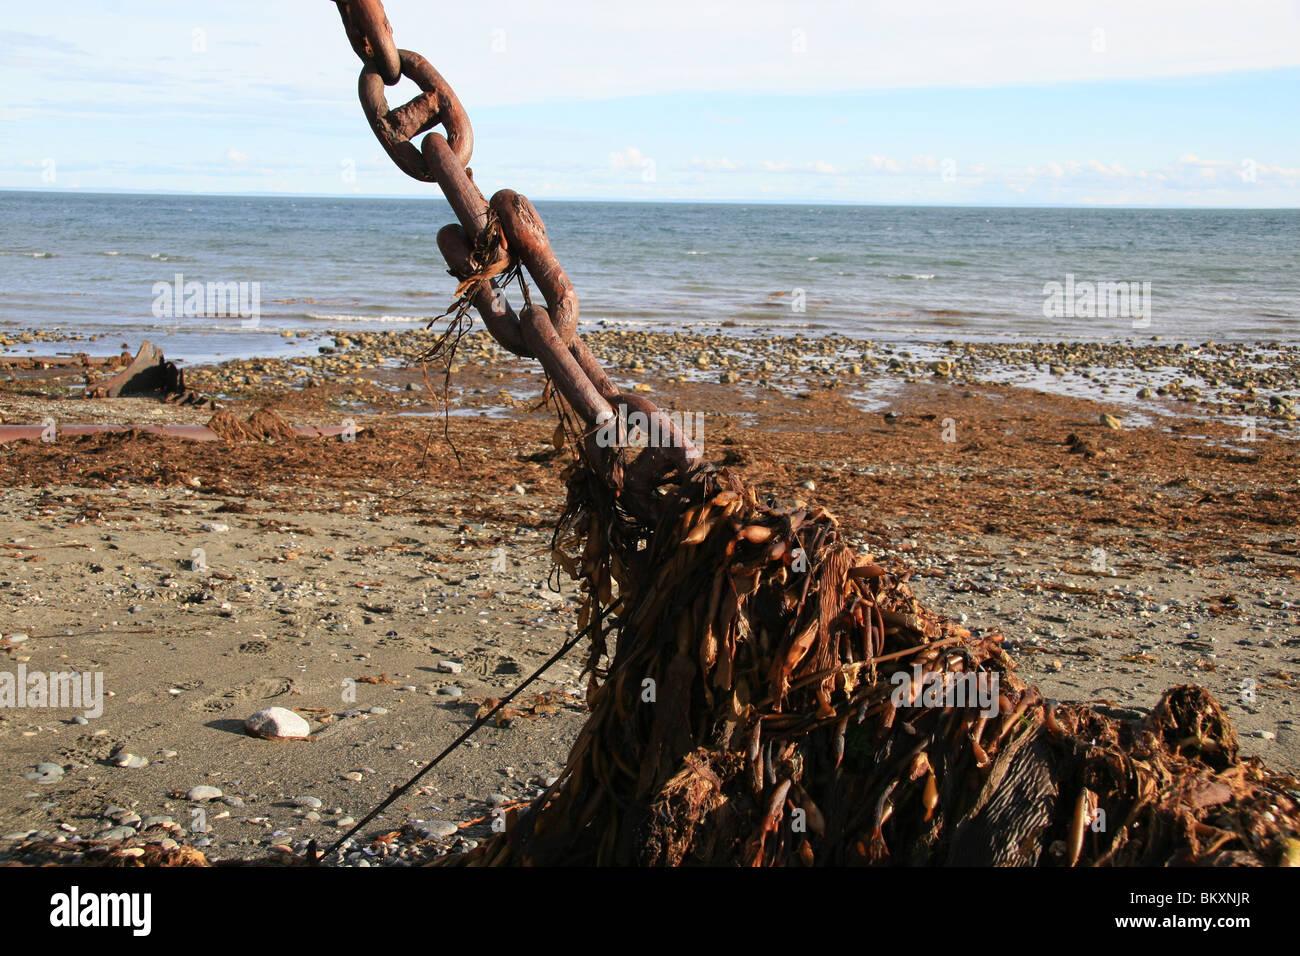 A chilean chain